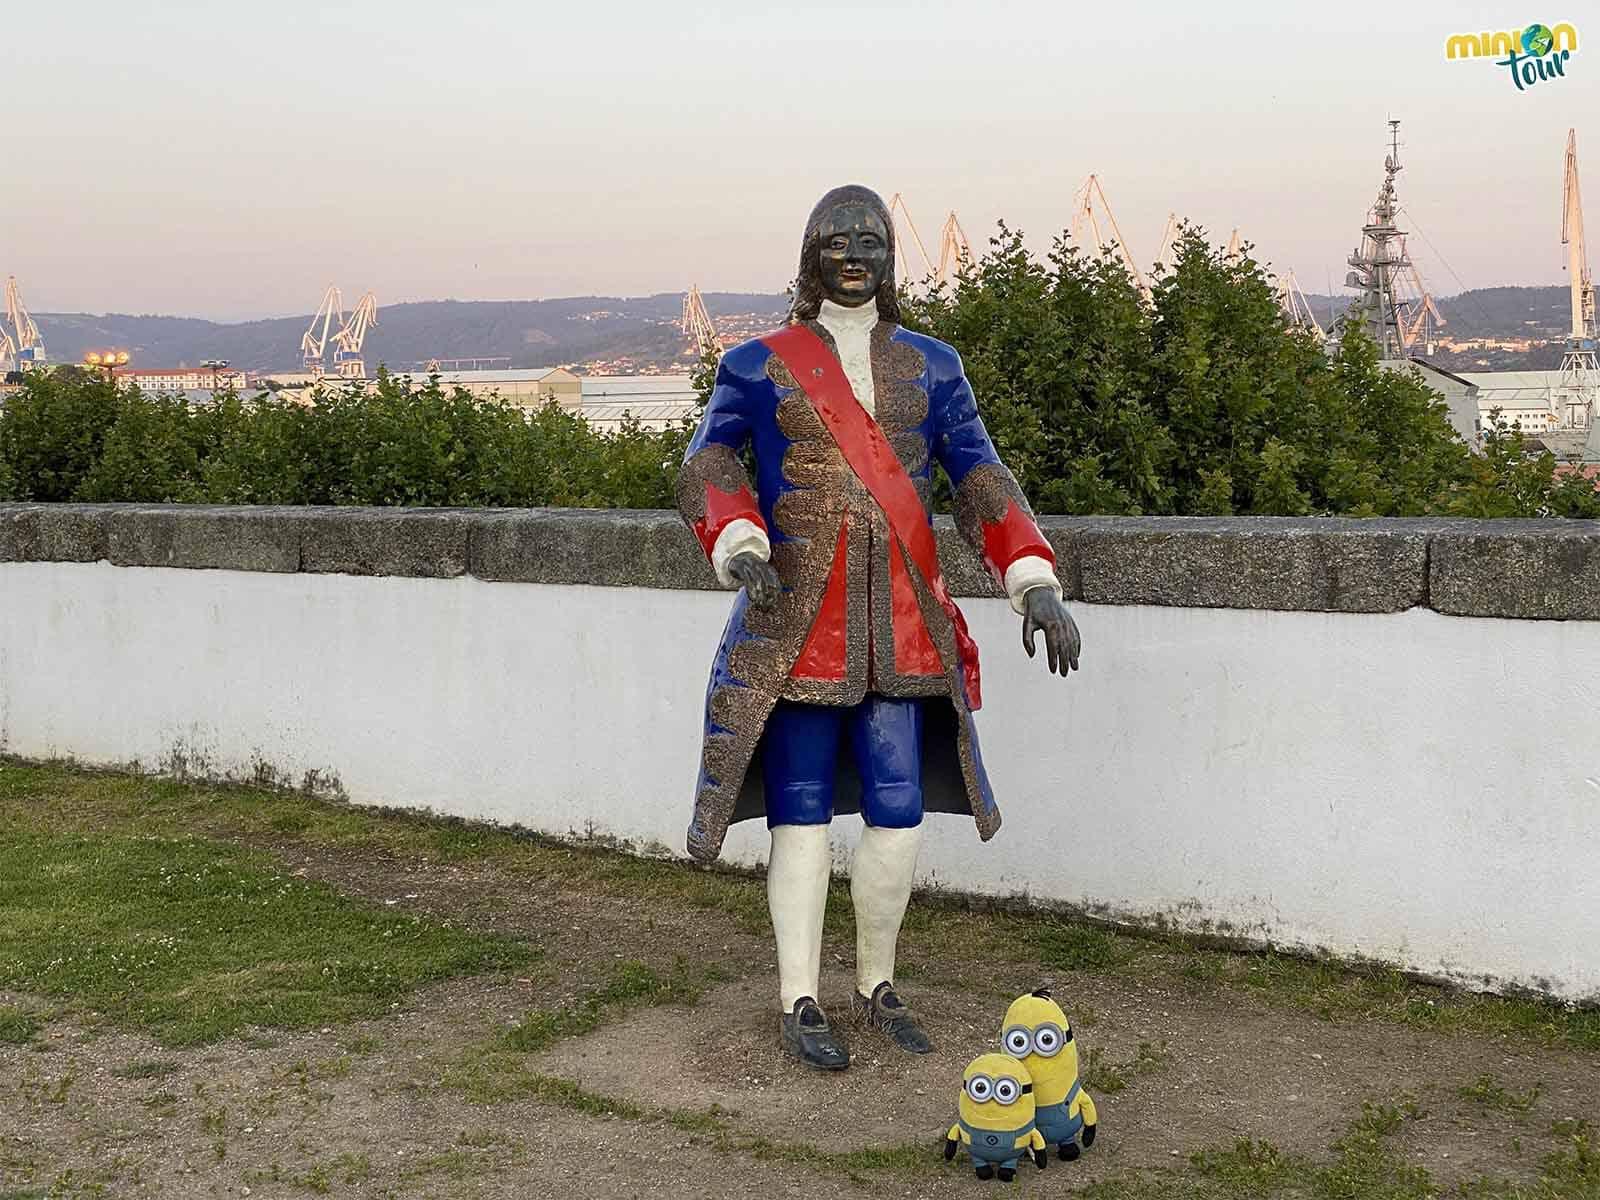 Hemos conocido a un personaje importante del Ferrol de la Ilustración